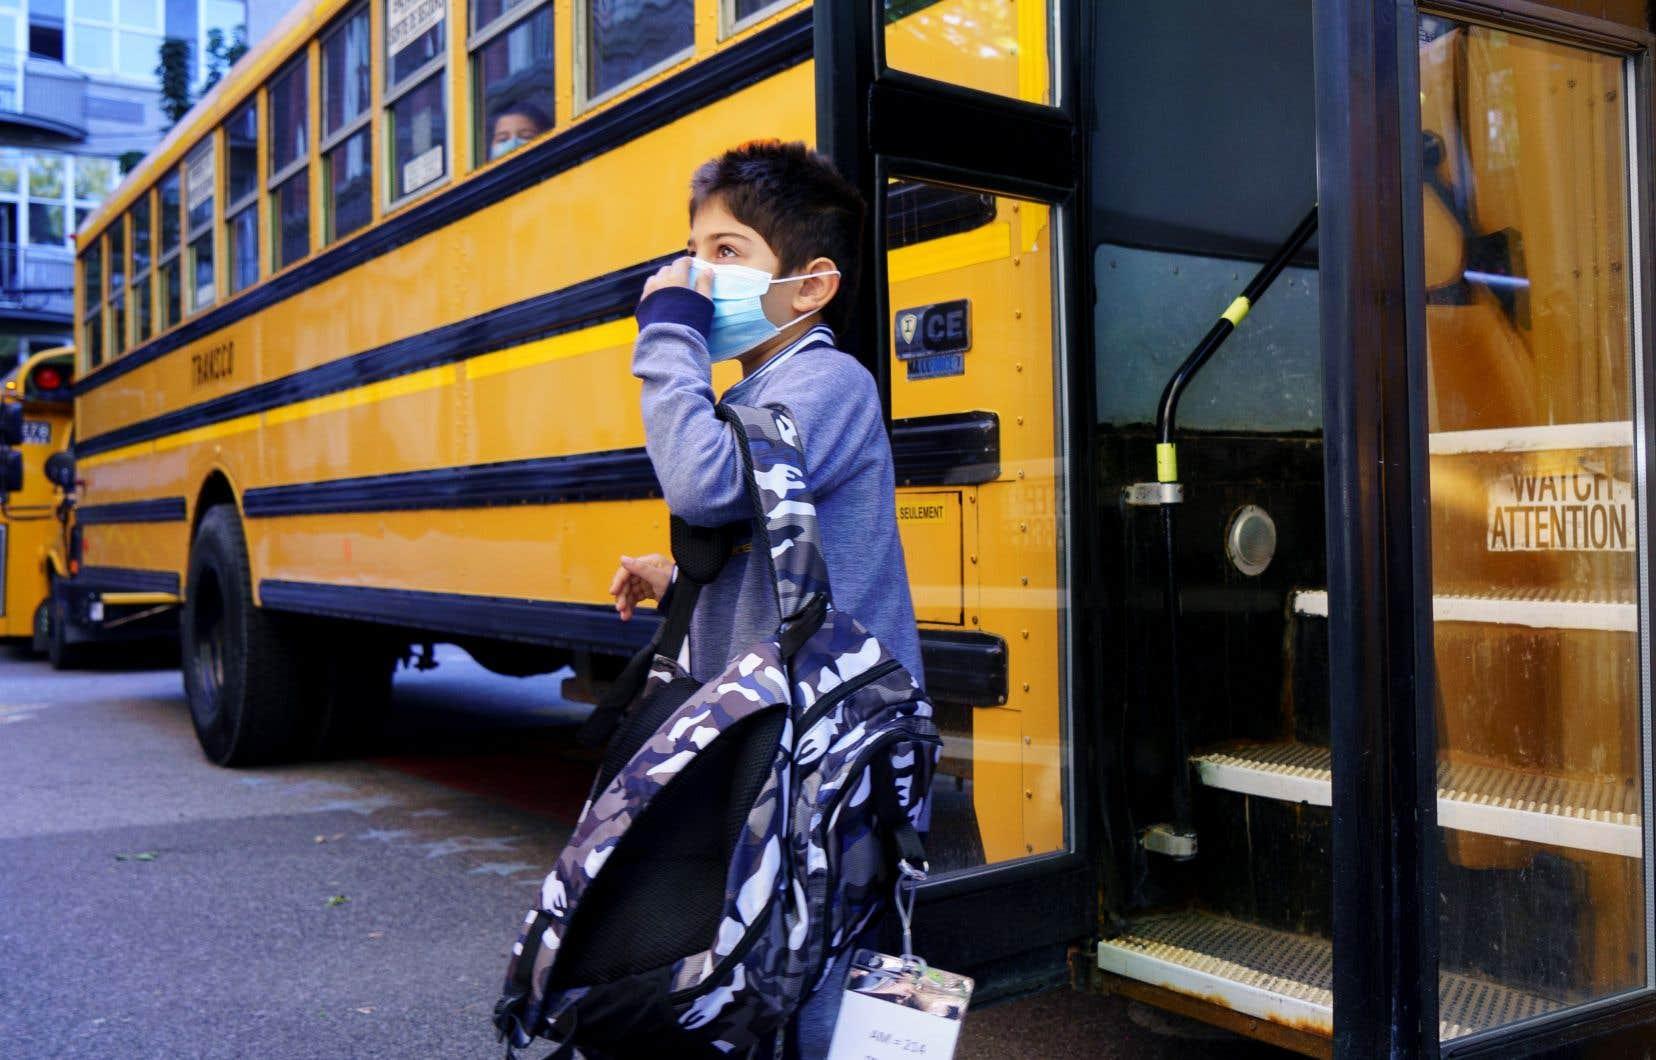 La Santé publique est en train de réviser toutes les mesures sanitaires qui existaient lors de la dernière année scolaire à cause de l'évolution de la situation épidémiologique.